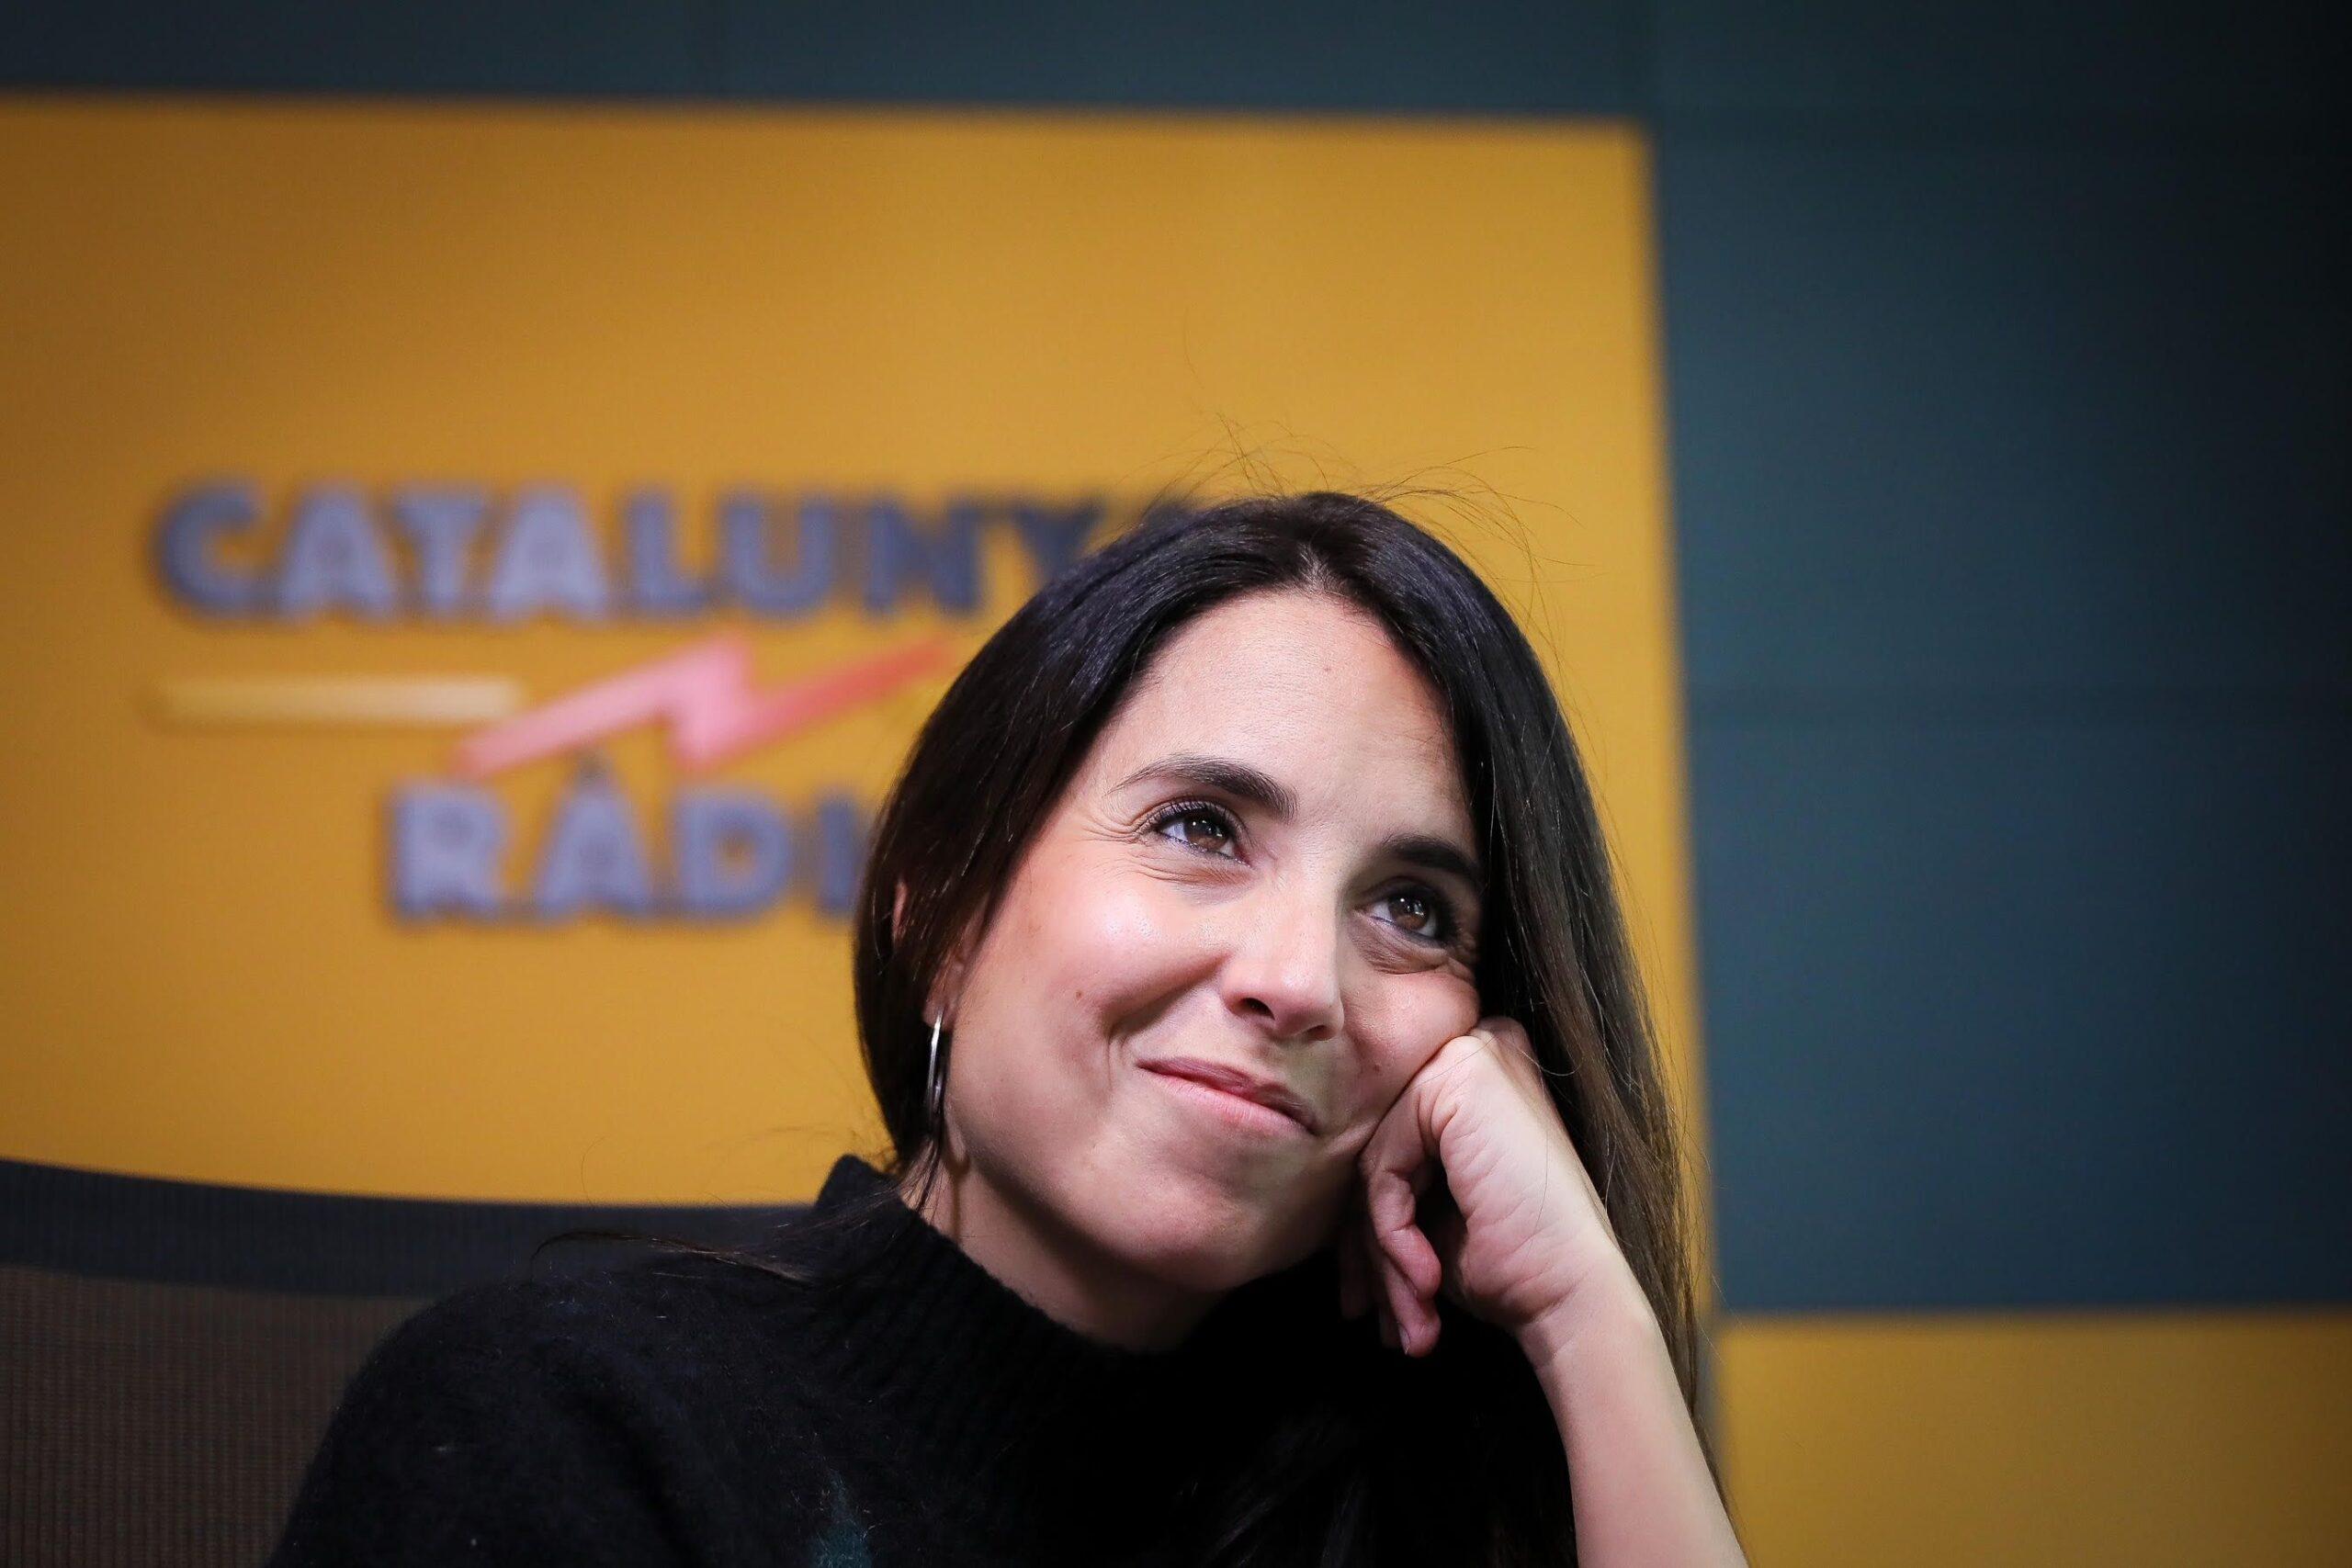 Laura Rosel dirigeix El Matí de Catalunya Ràdio des d'aquesta temporada JORDI BORRÀS